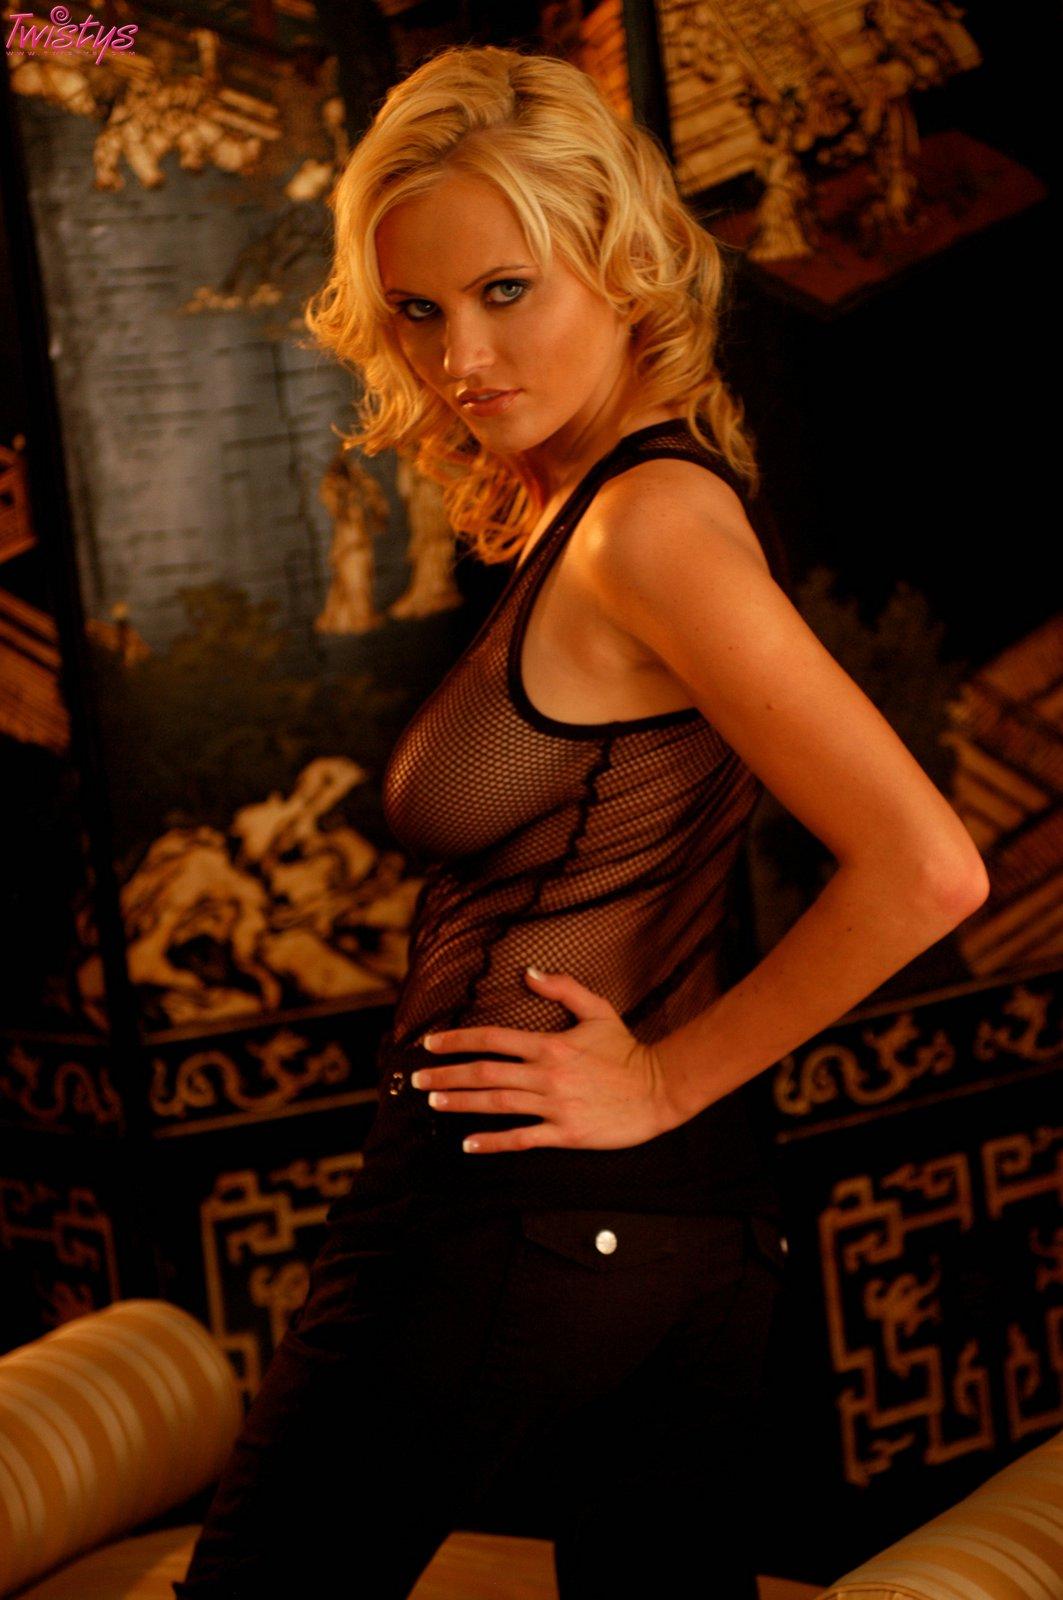 Beautiful blonde pornstar Hanna Hilton undressing for spreading of vagina  43745